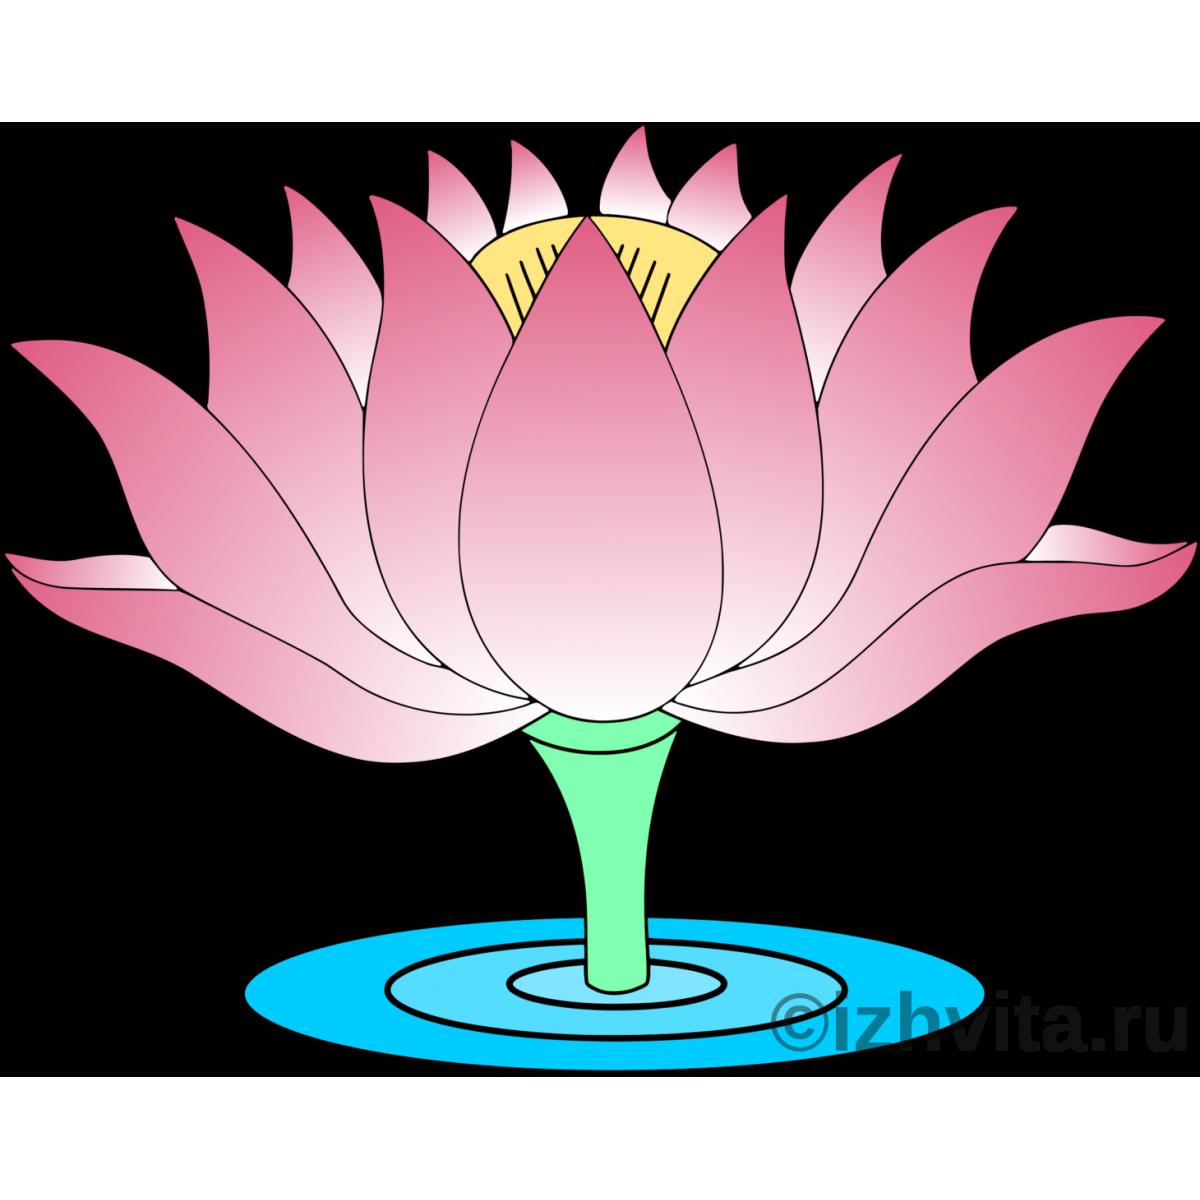 Обновленный логотип компании